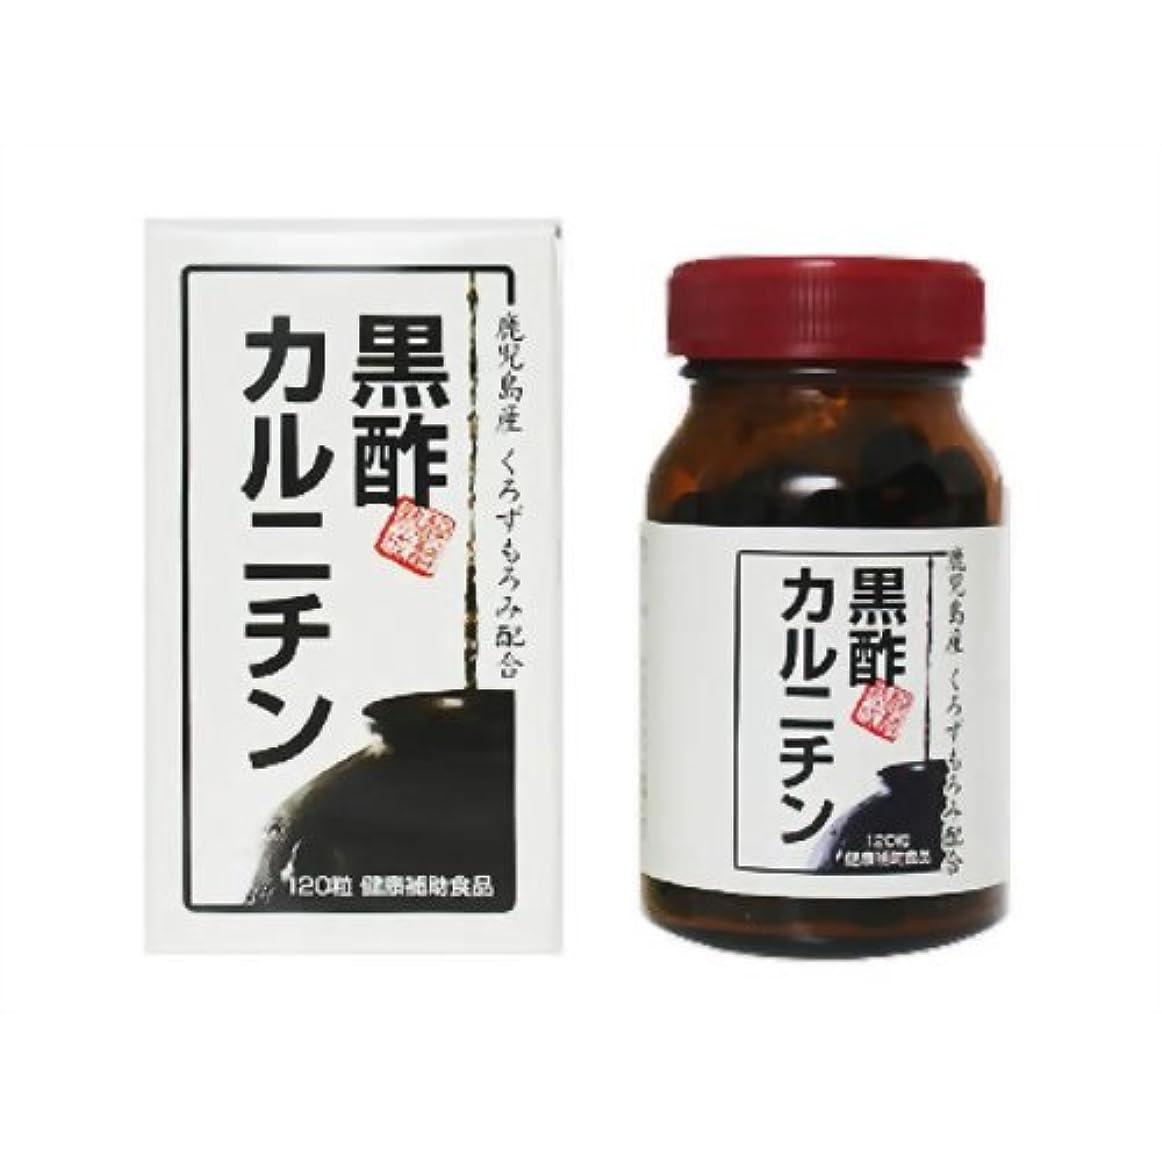 調子申込みバズ黒酢カルニチン 120粒